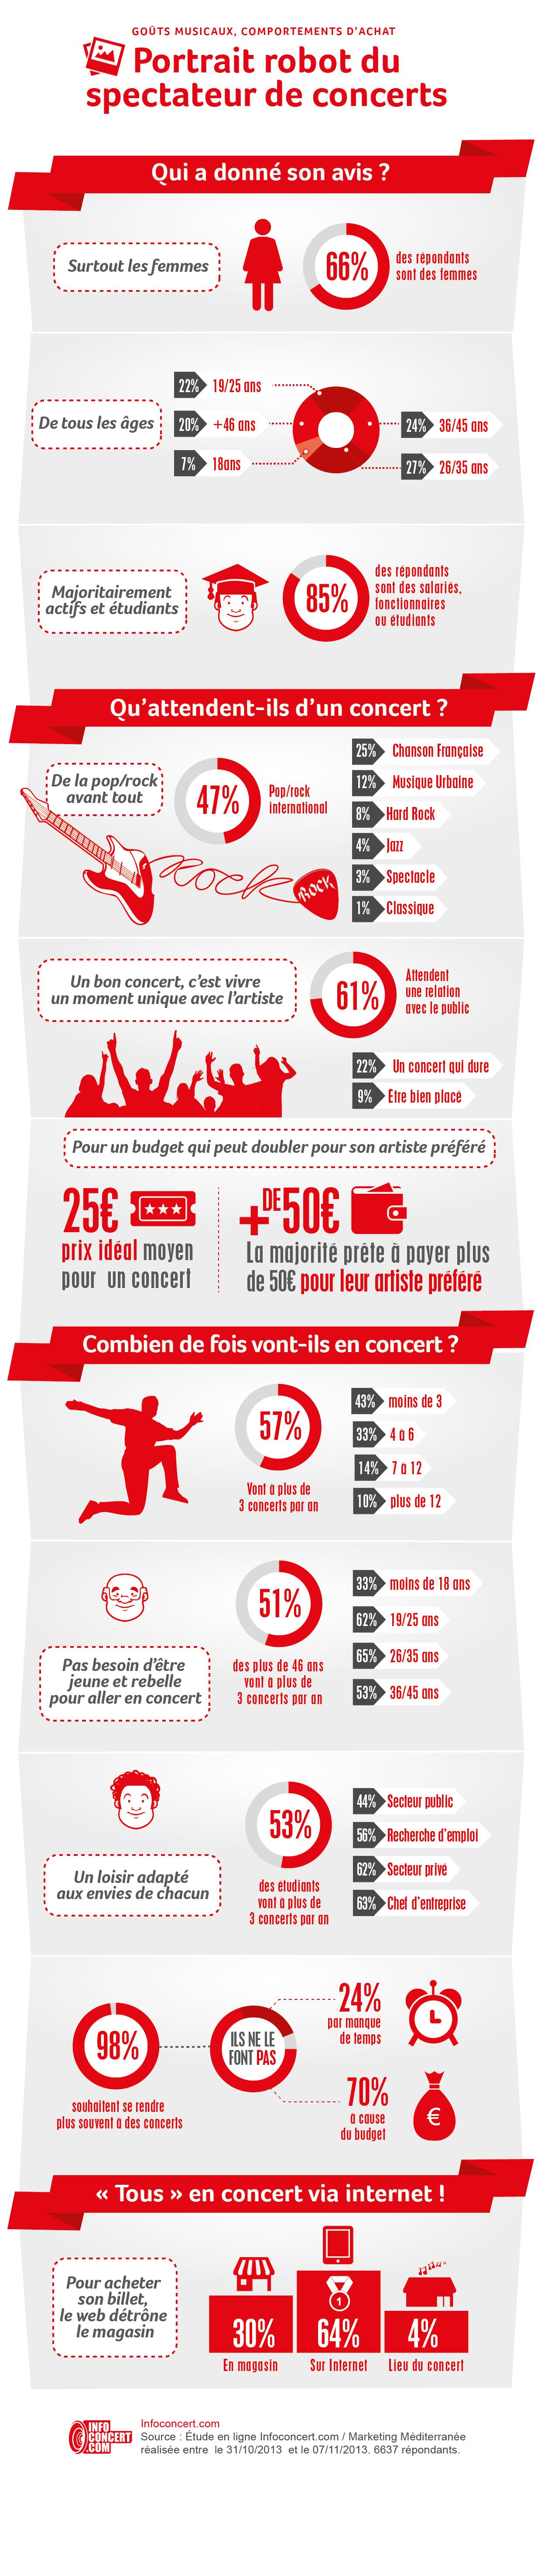 infographie-infoconcert-portrait-robot-du-spectateur-de-concert